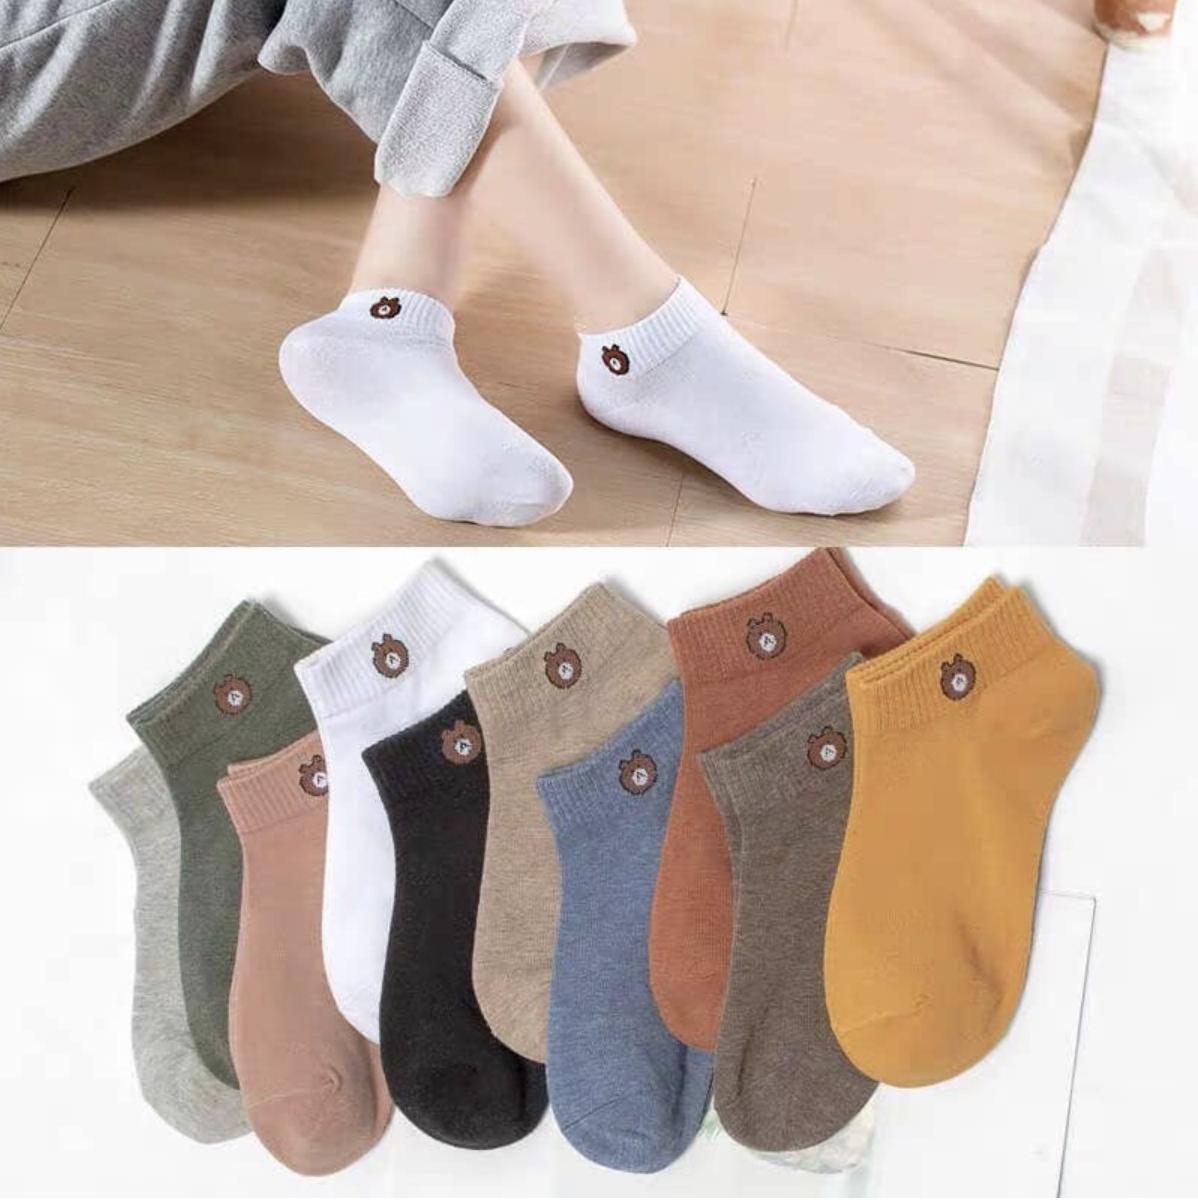 Baby Life ถุงเท้าข้อสั้น ถุงเท้า ใส่ได้ทั้งชายหญิง แพ็ค ถุงเท้าผ้าฝ้ายสไตล์เกาหลี ถุงเท้าหมีบราว พร้อมถุงหมีบราว หมีบราวไลน์ลายการ์ตูนน่ารัก รุ่น:z110.